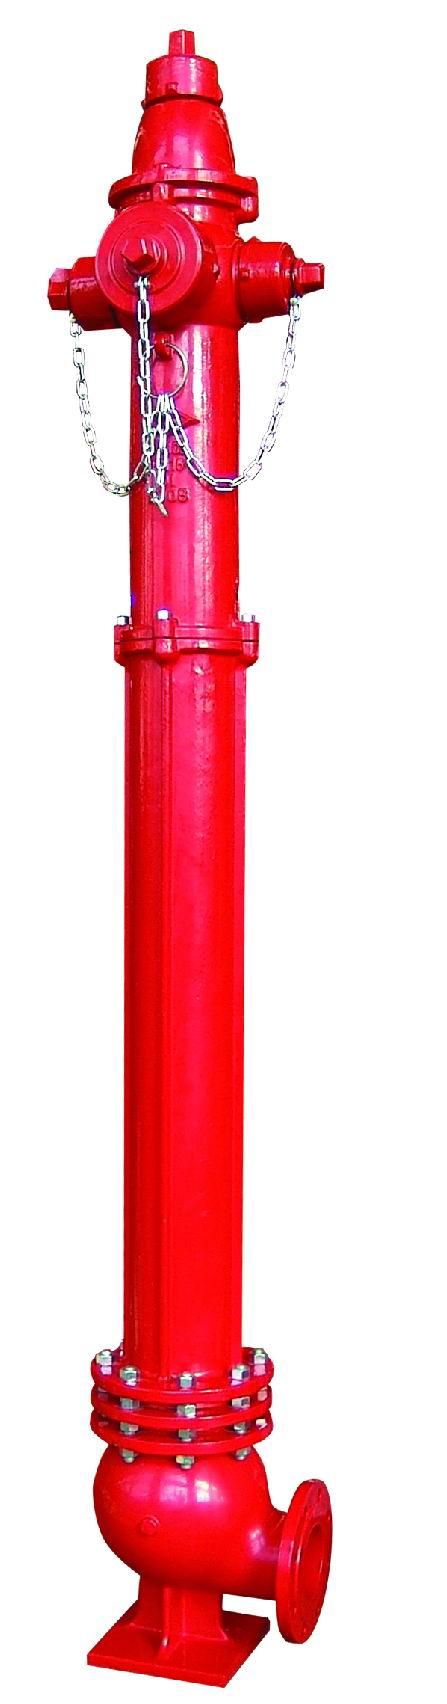 Dry Barrel Fire Hydrants UL-FM Approval